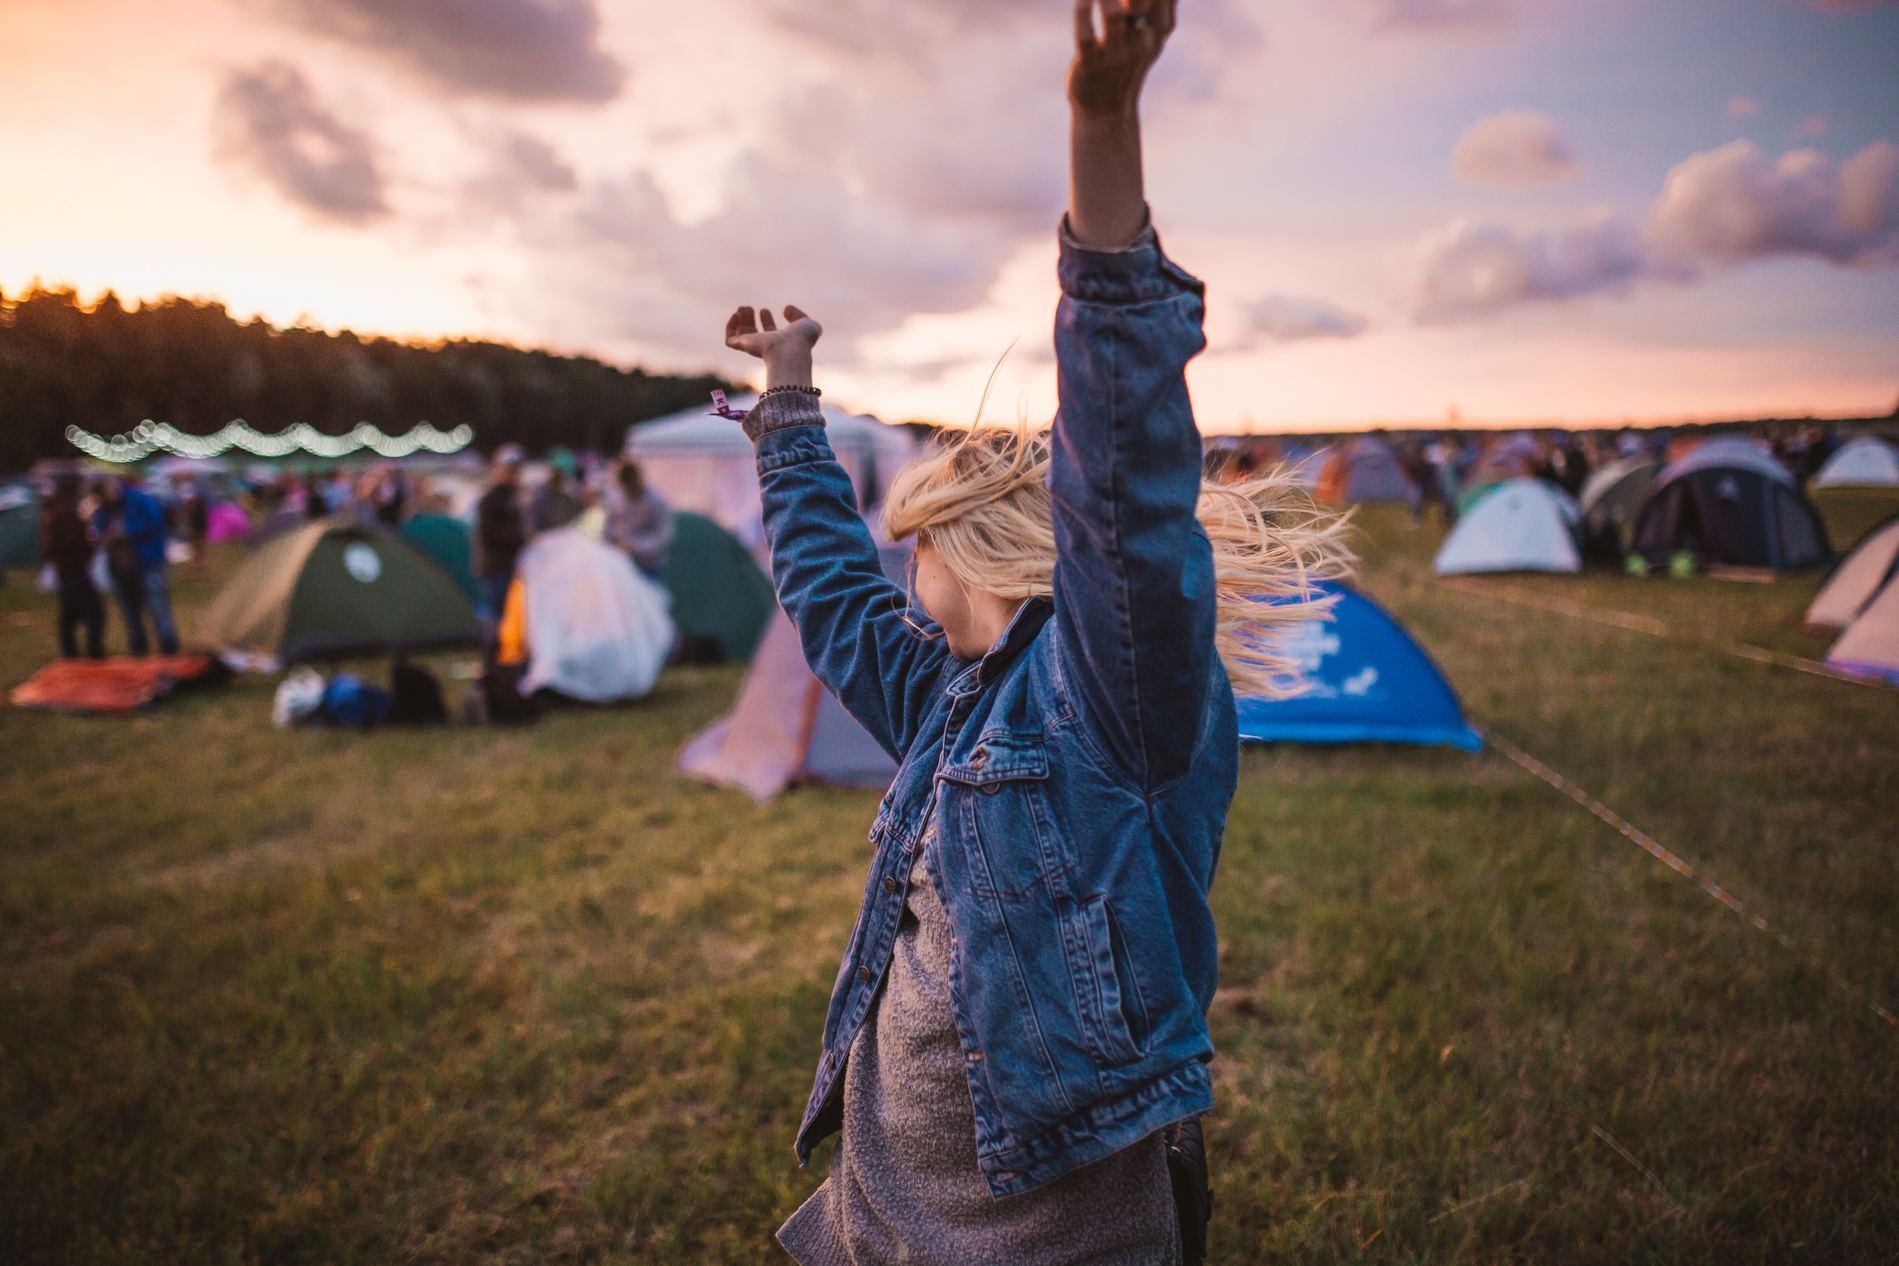 möblum-festivales_musicales_de_octubre-festivales-festival-música-line_up-dj-artistas(2)